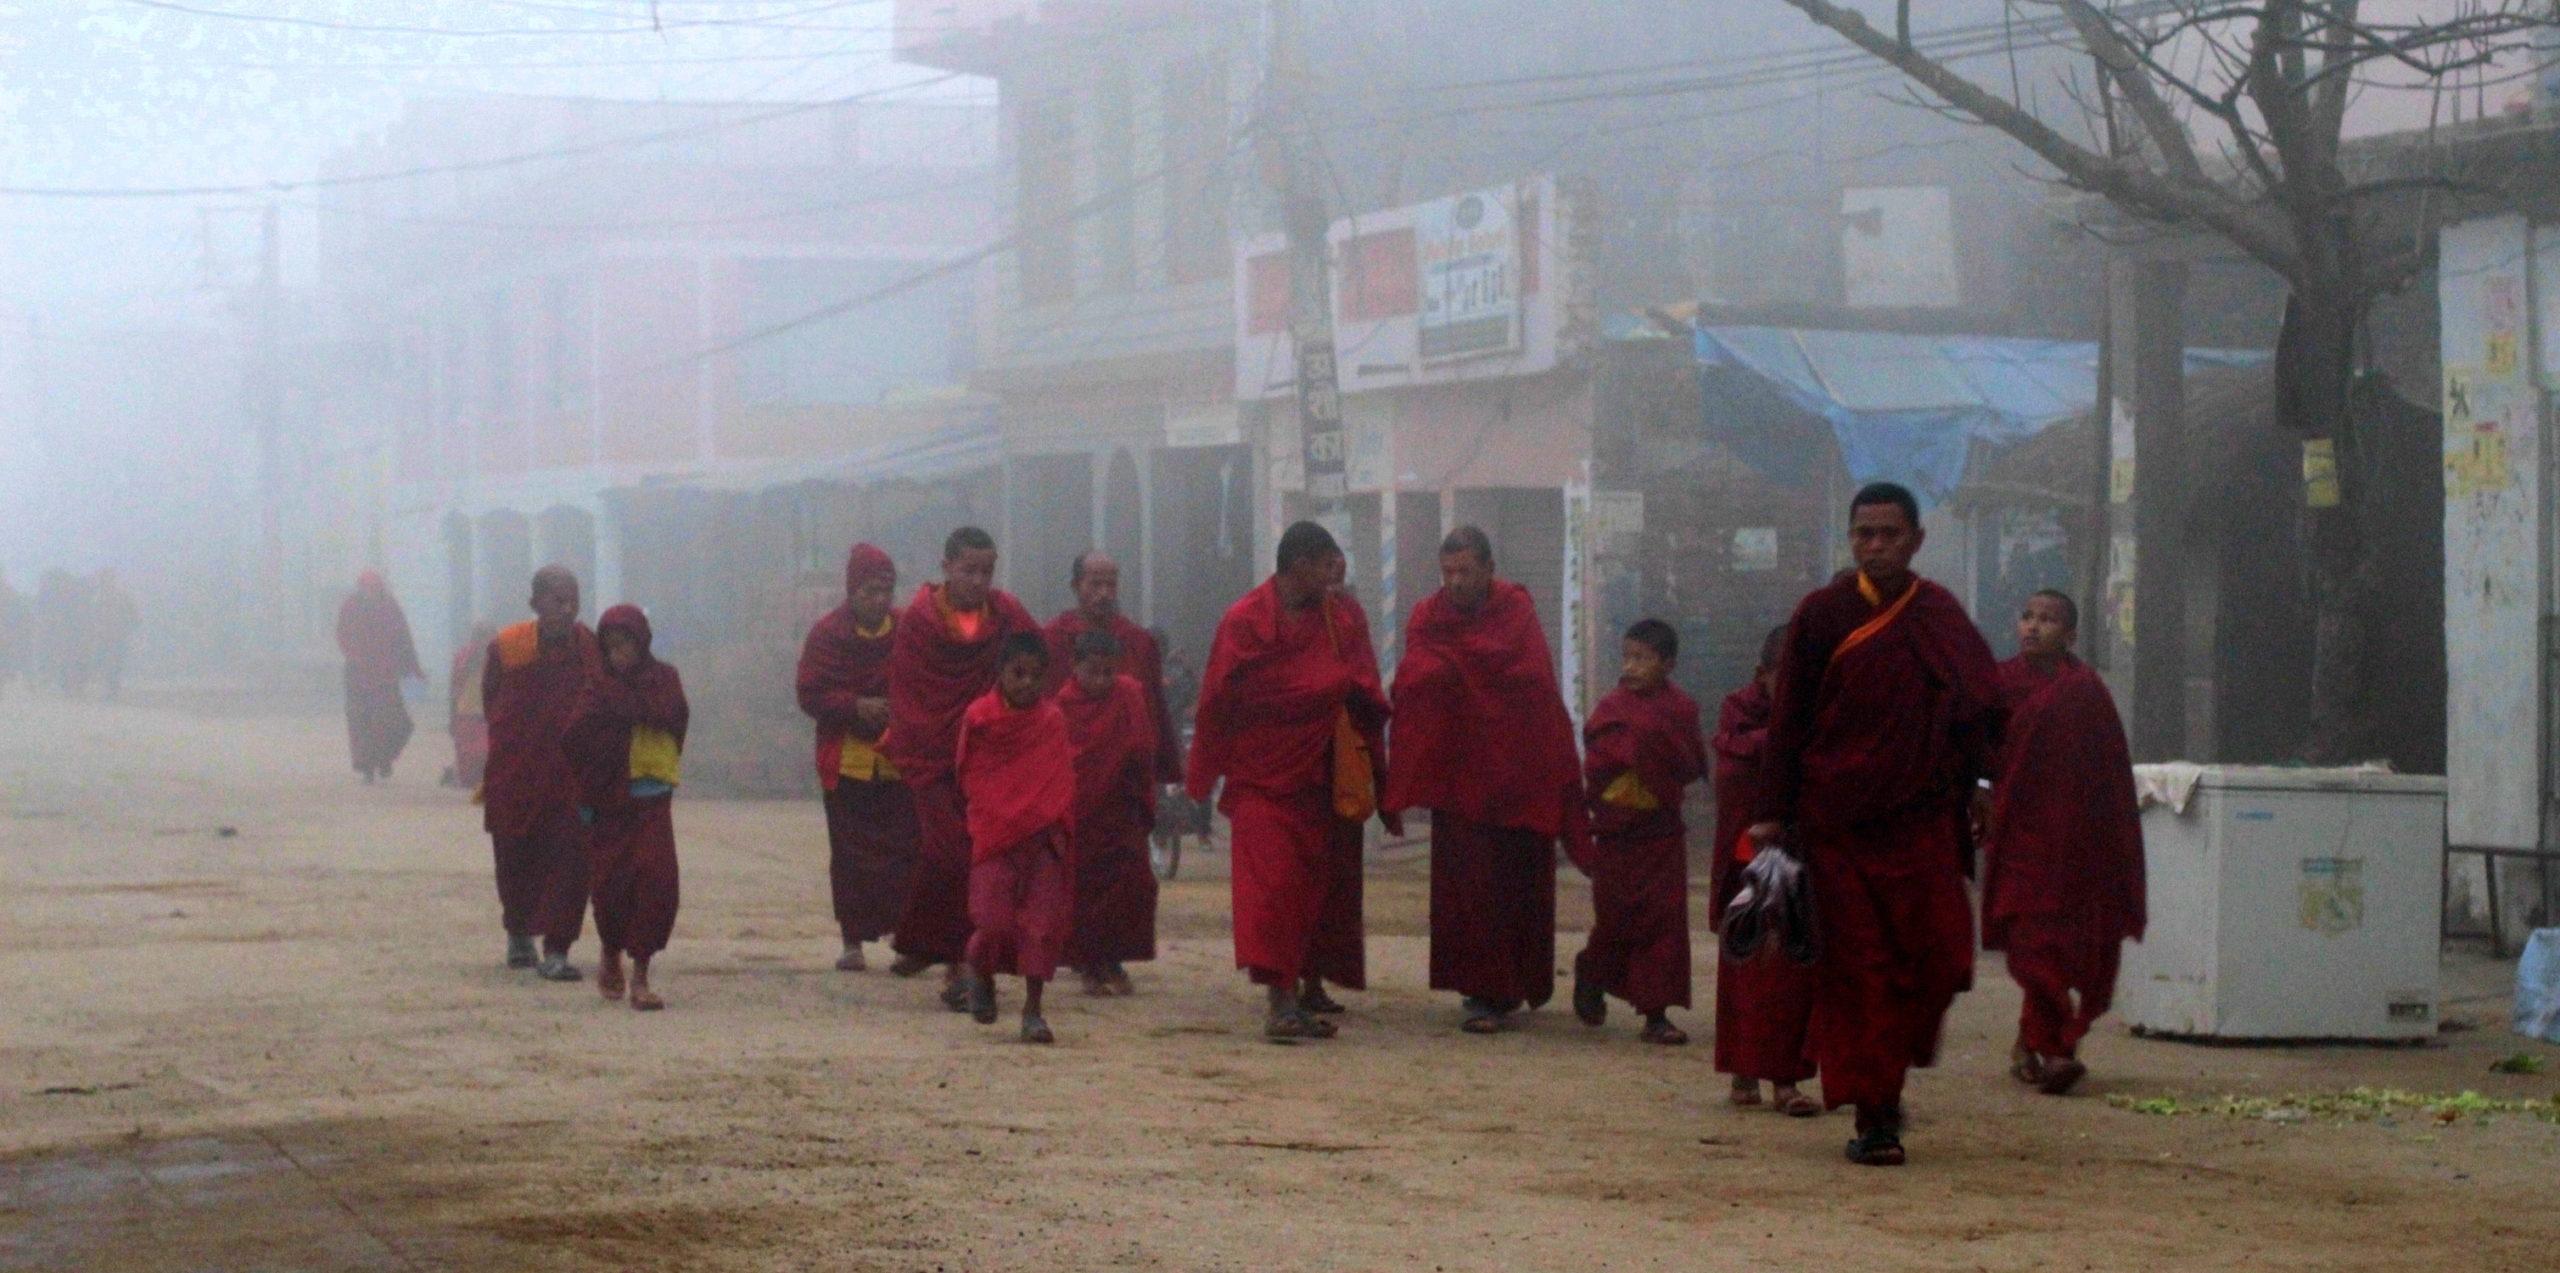 Moines avançant dans la brume à Lumbini, Népal